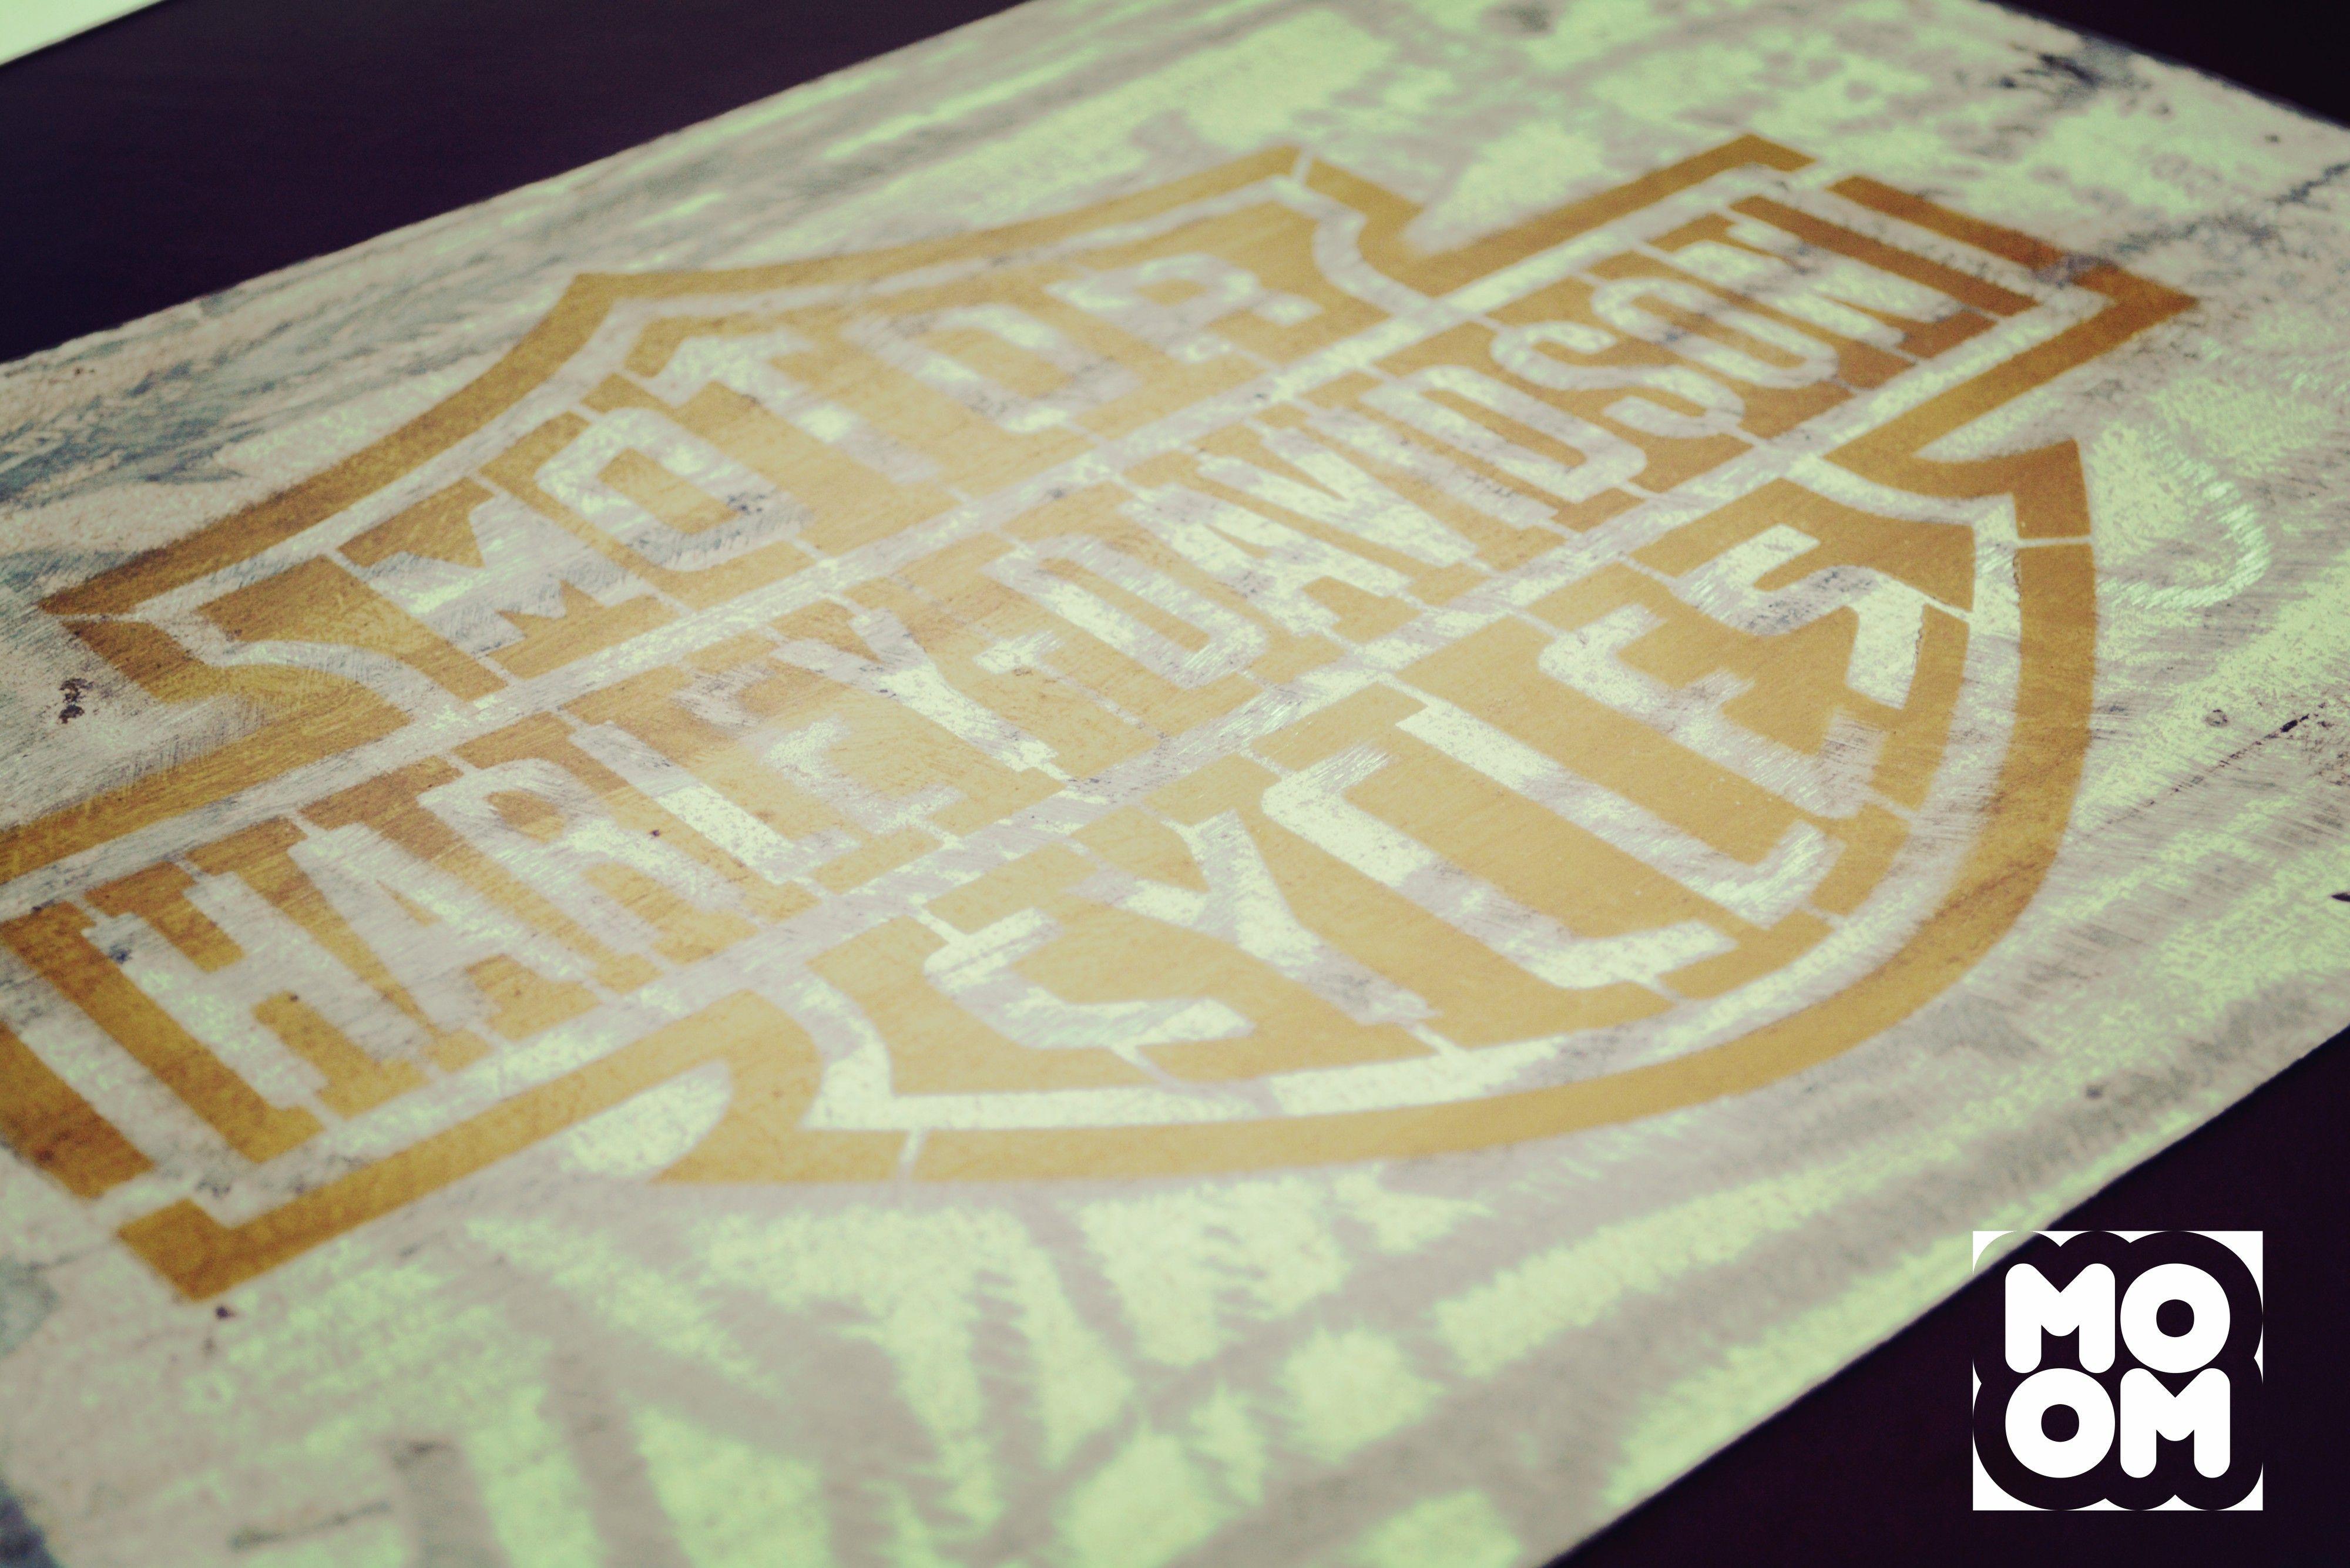 Placa Metal HD Produzido por MOOMCustom Saiba mais em https://www.facebook.com/MoomCustom/